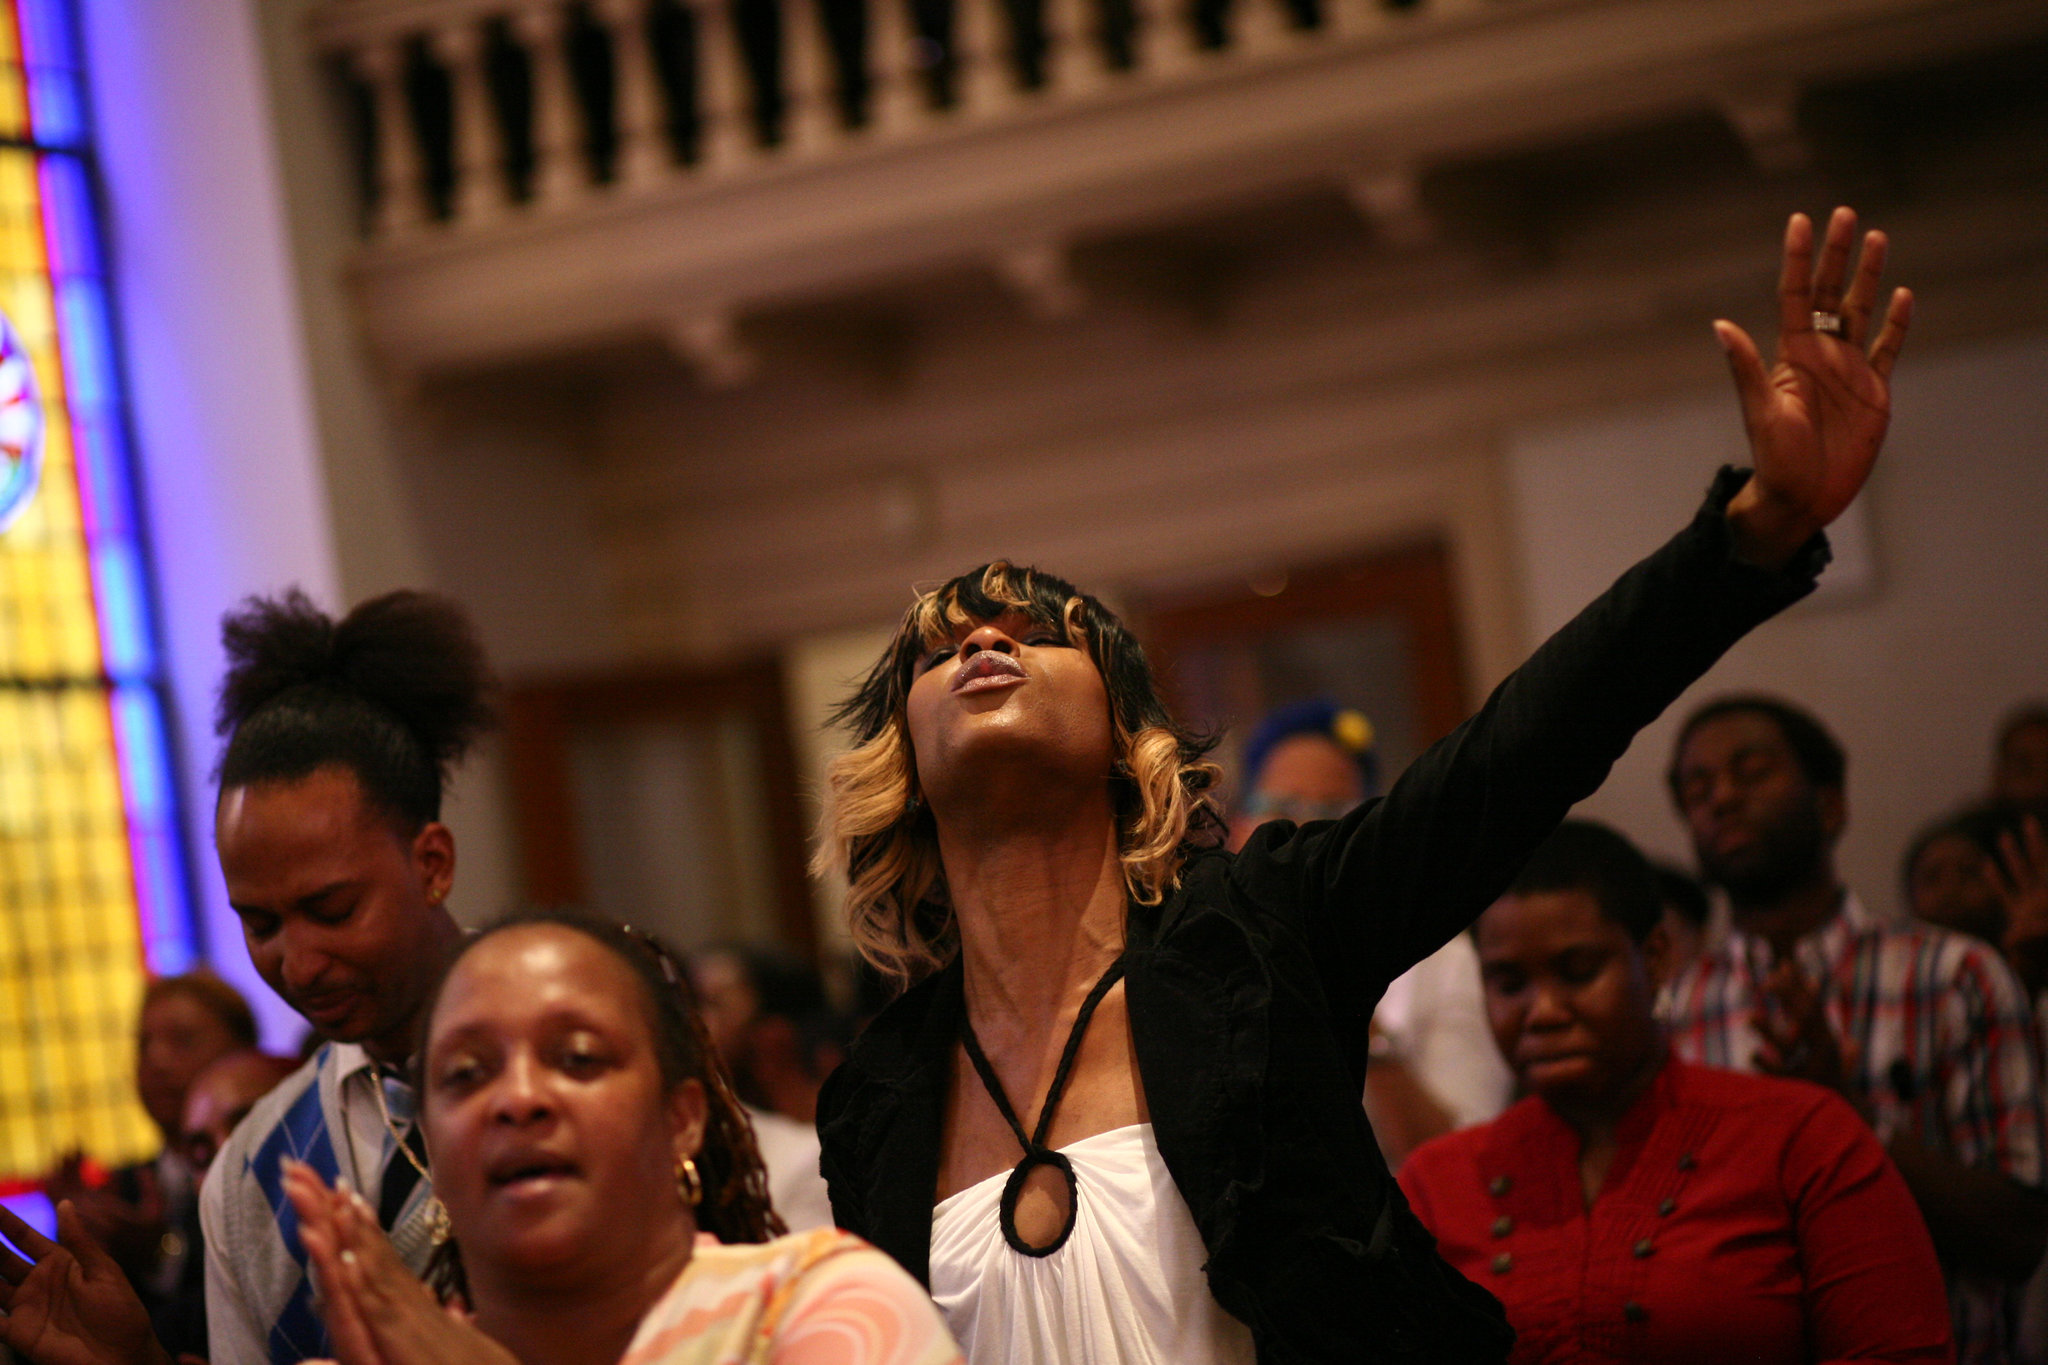 Descubre el verdadero Gospel en Harlem